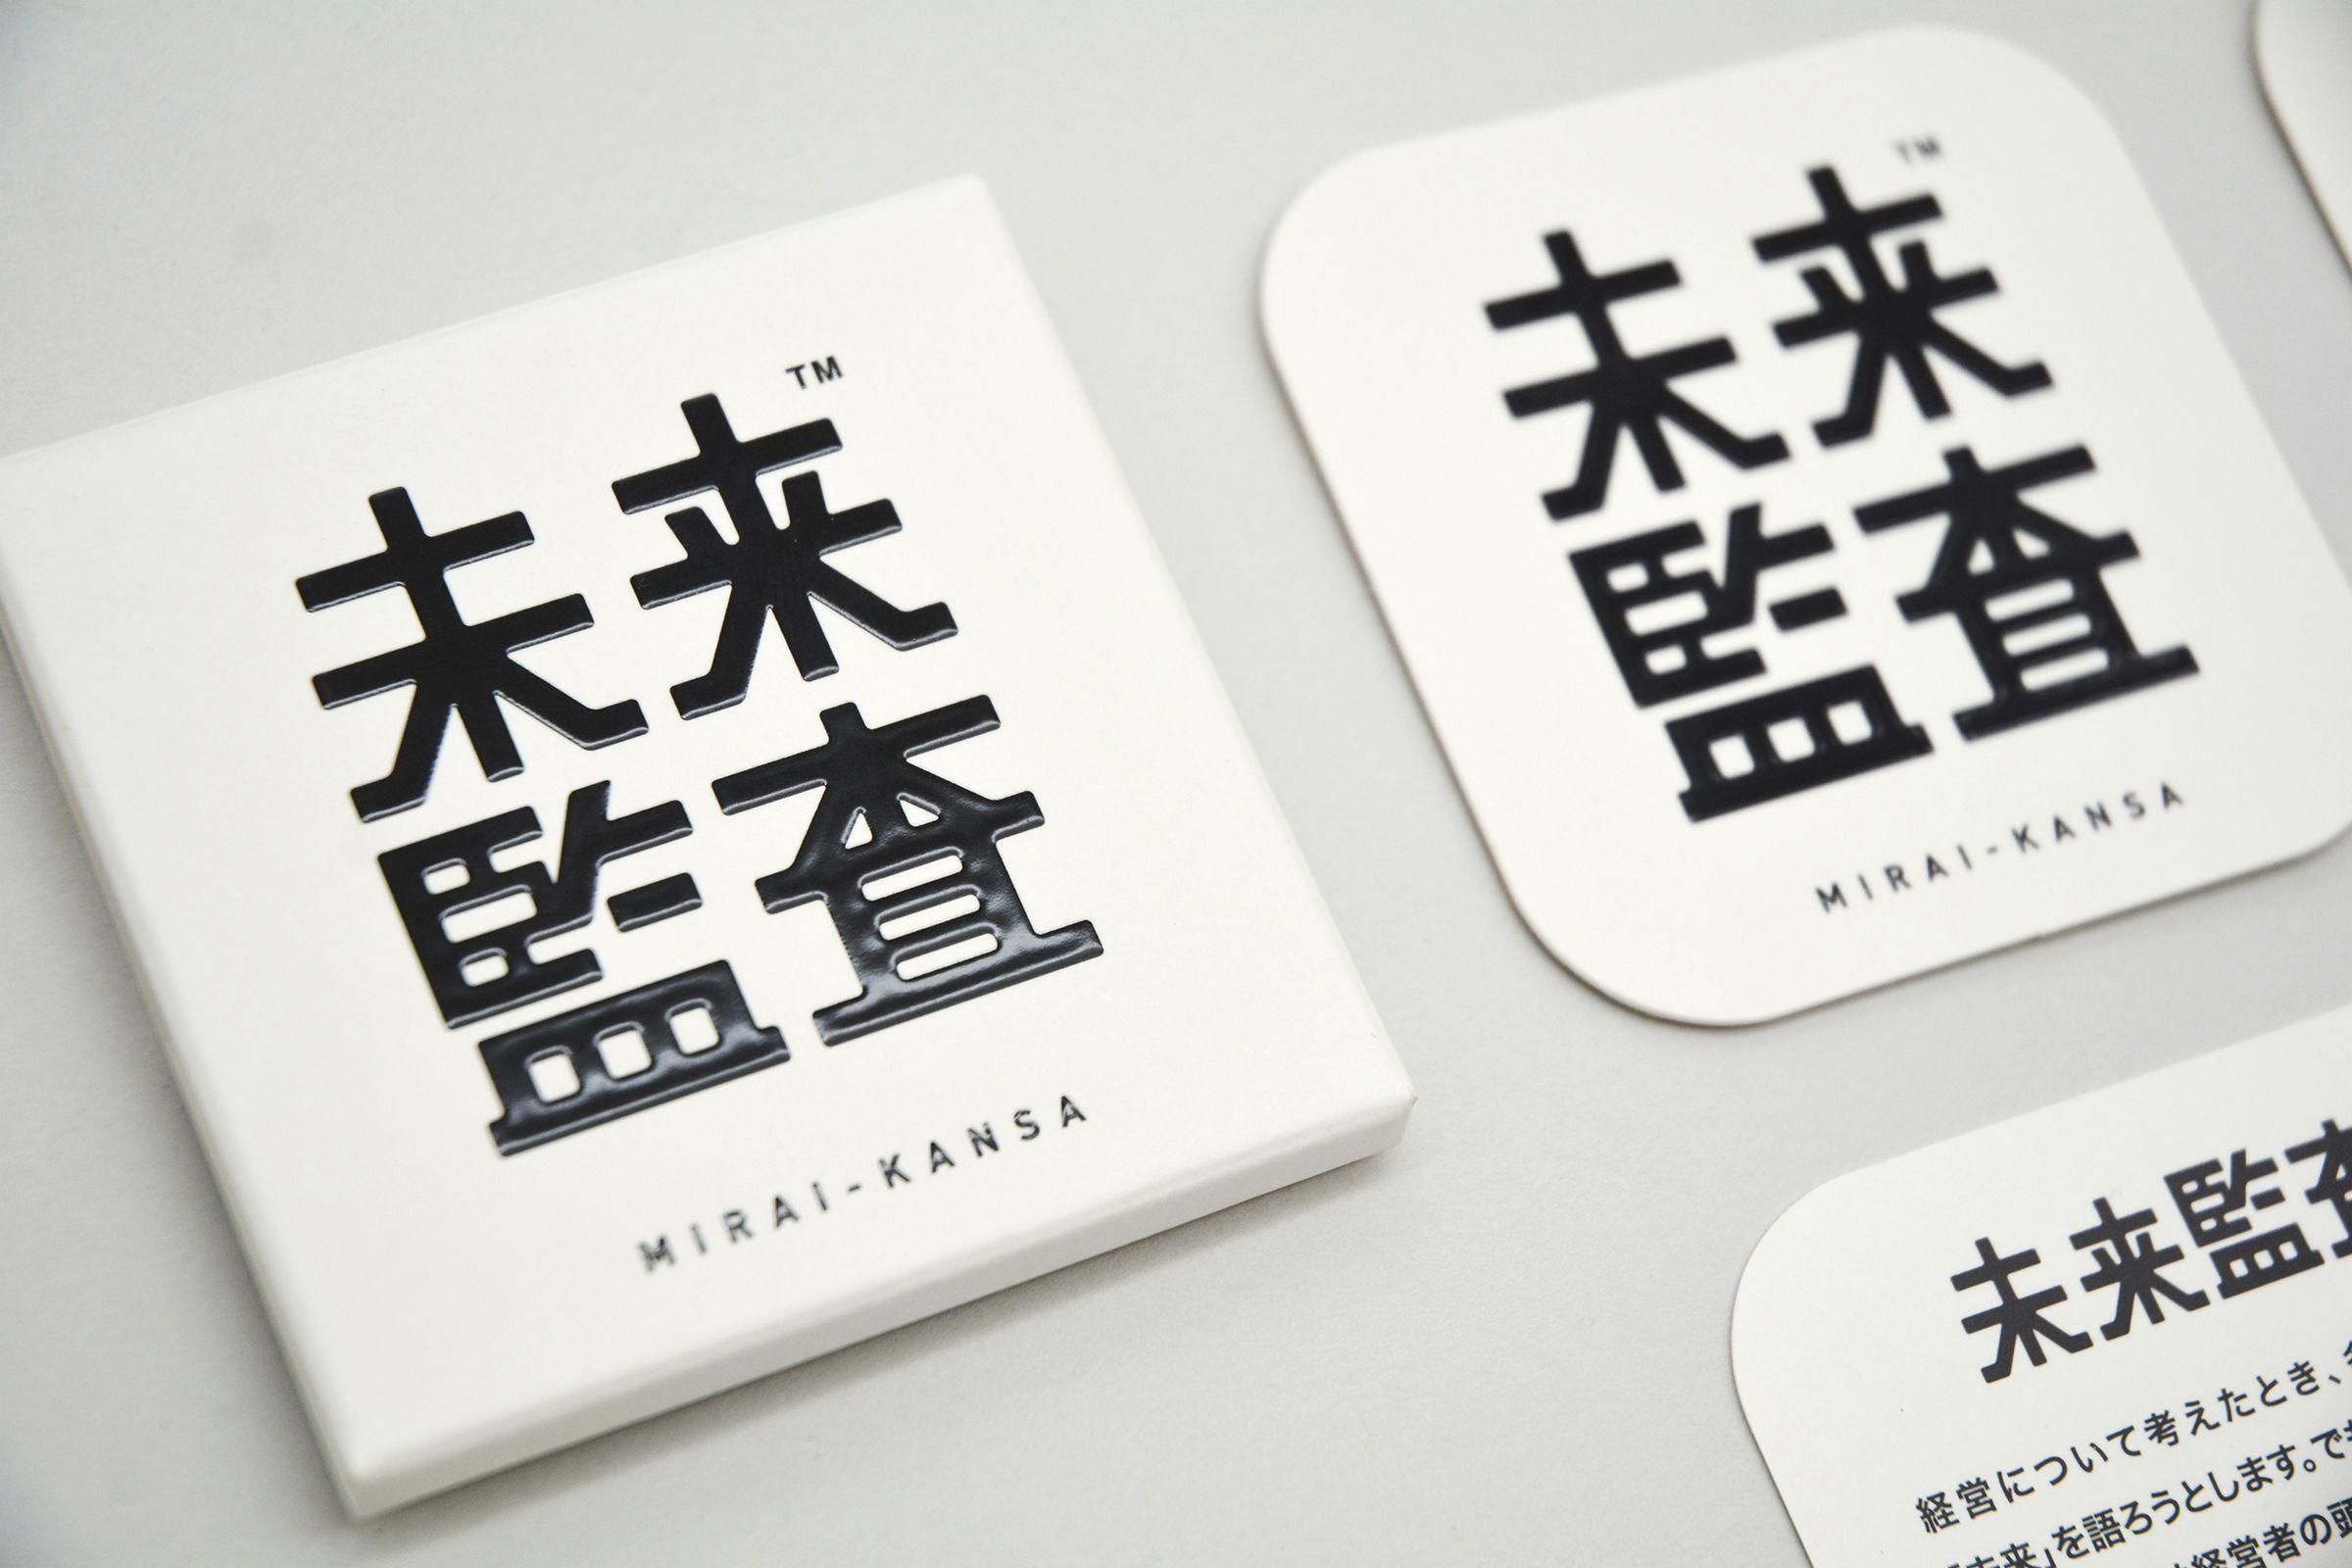 制作事例 セルディビジョン ブランディングデザイン 横浜 タイポグラフィのロゴ レタリングデザイン ブランディングデザイン